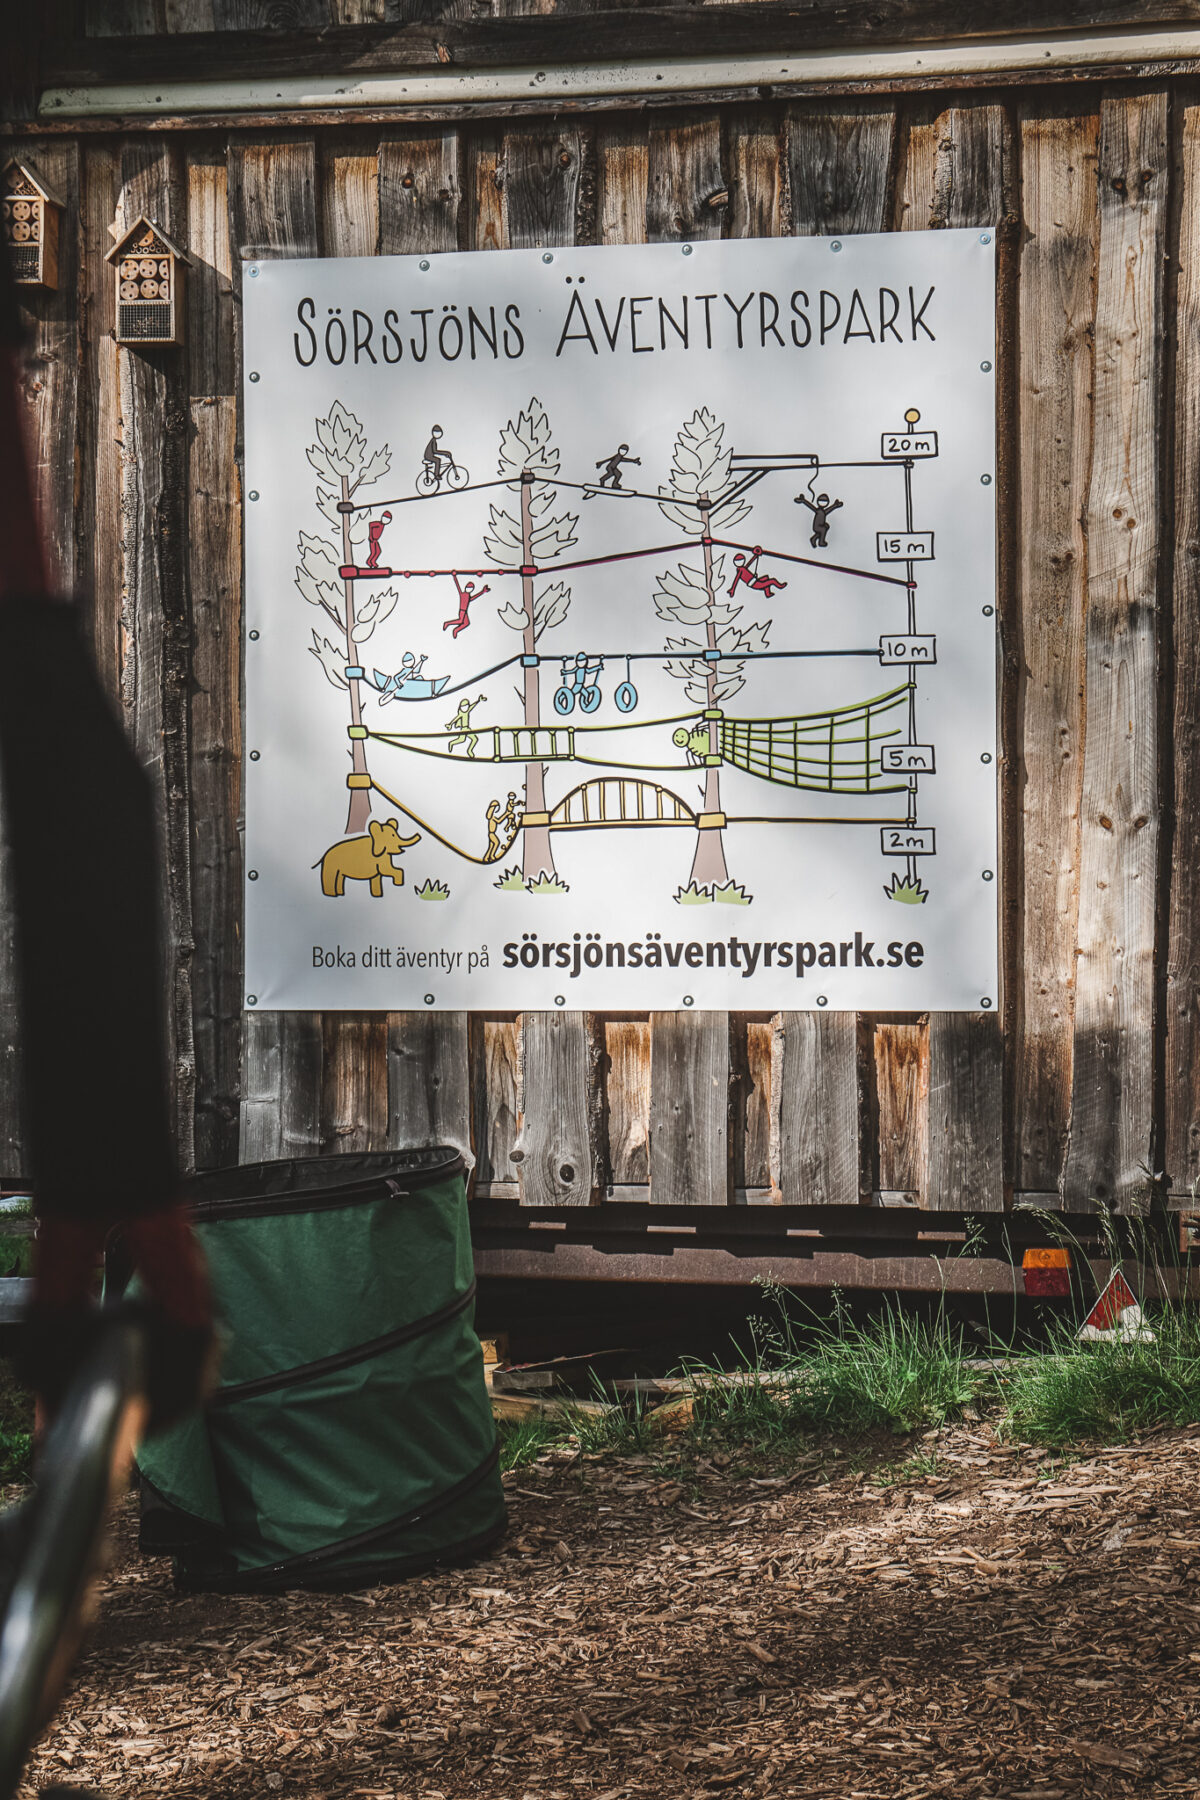 sörsjöns äventyrspark